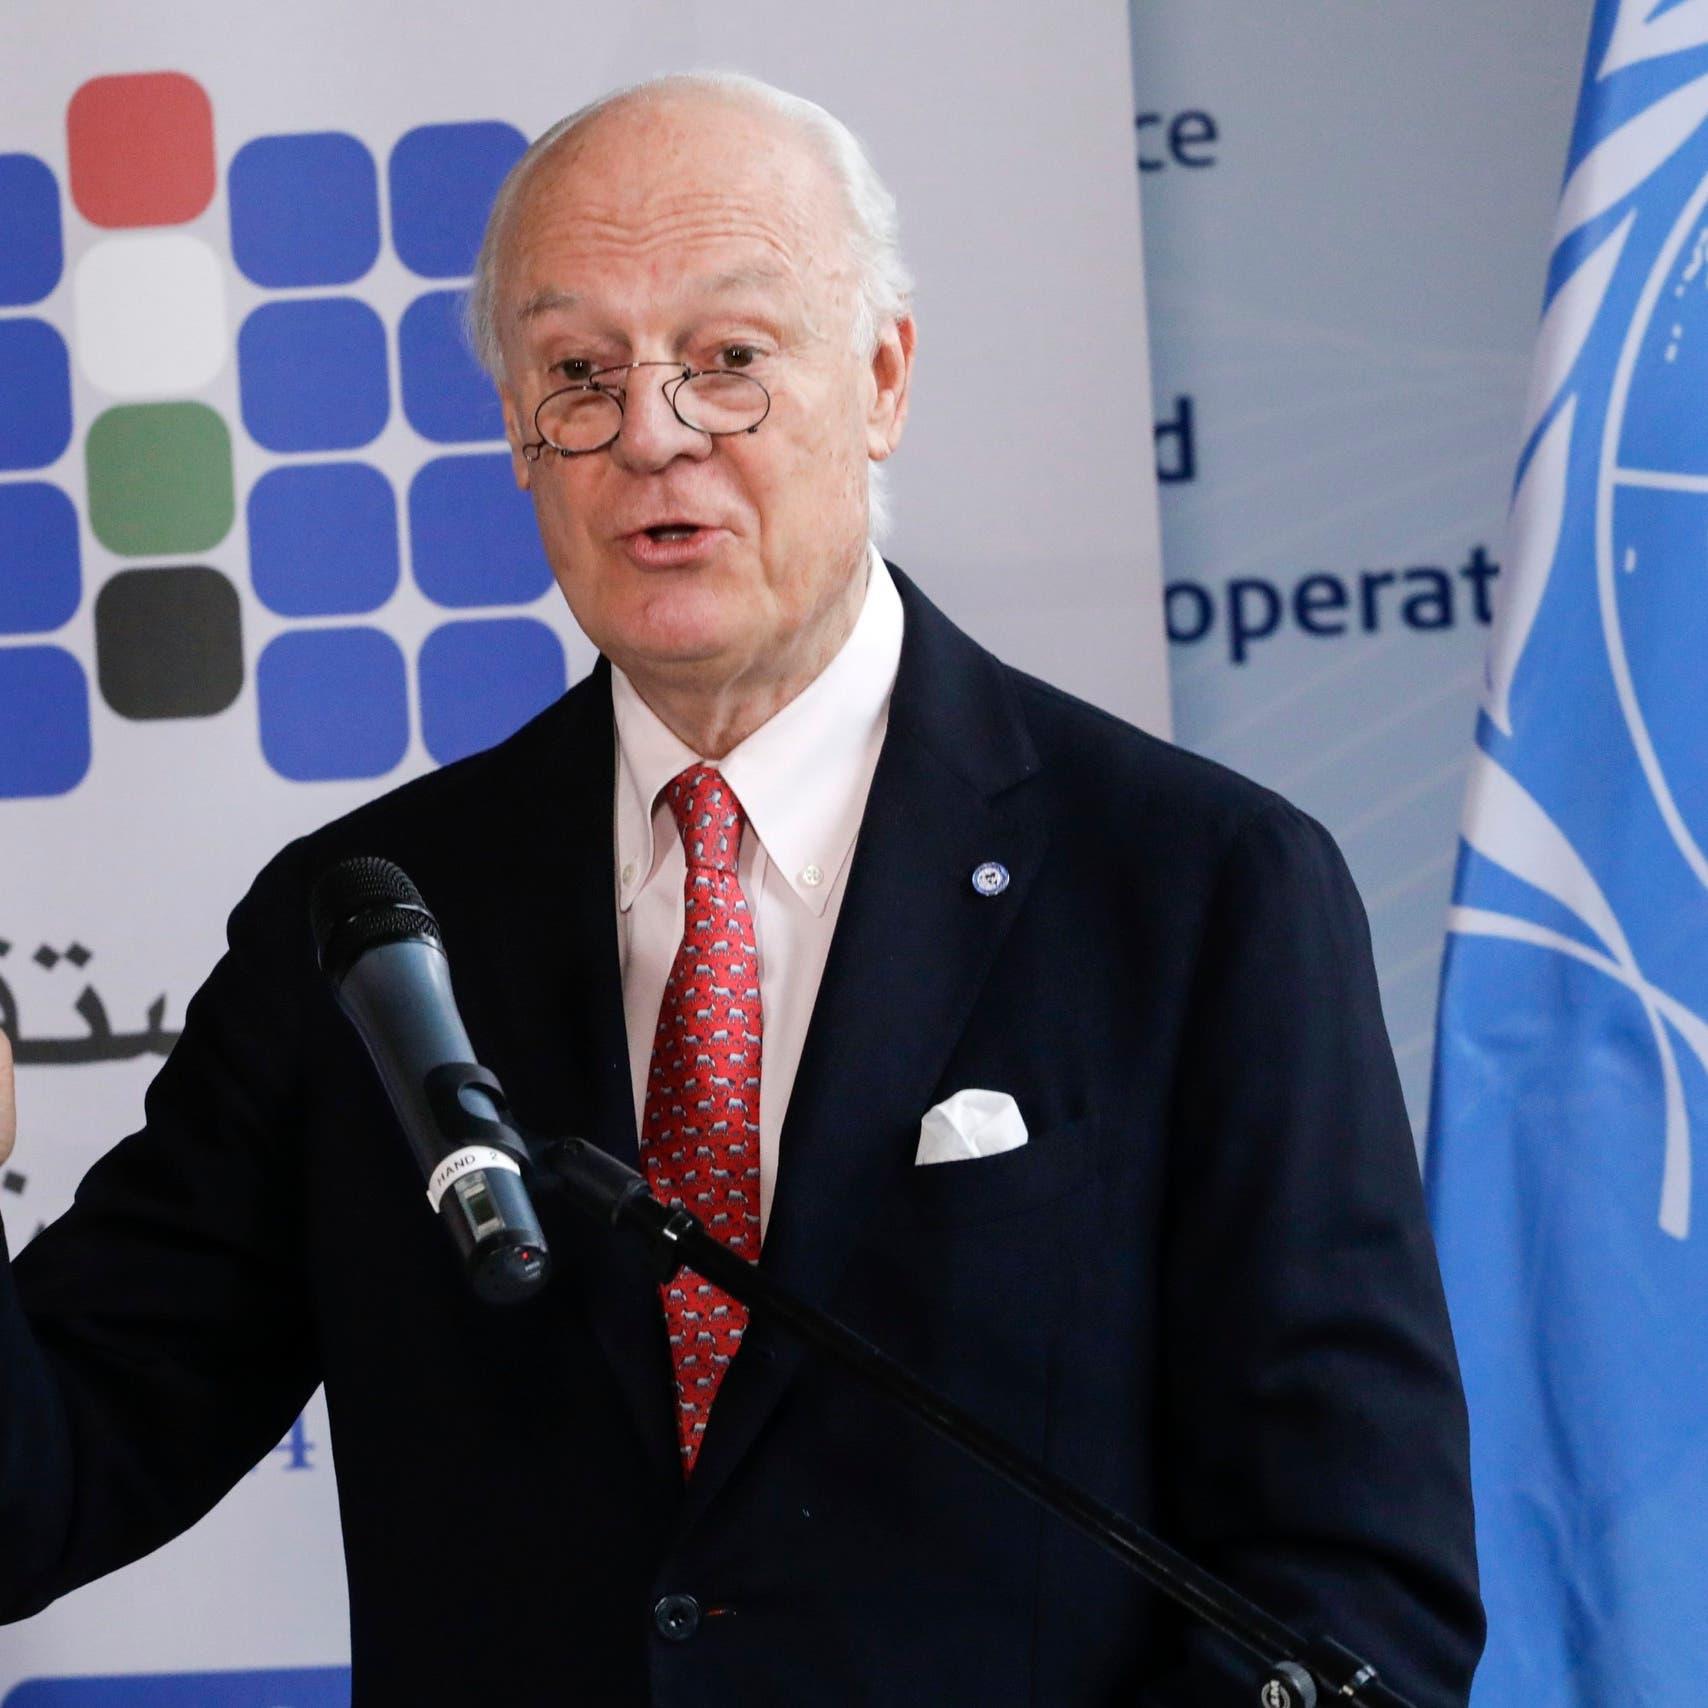 اجتماع في جنيف في سبتمبر حول تعديل الدستور السوري